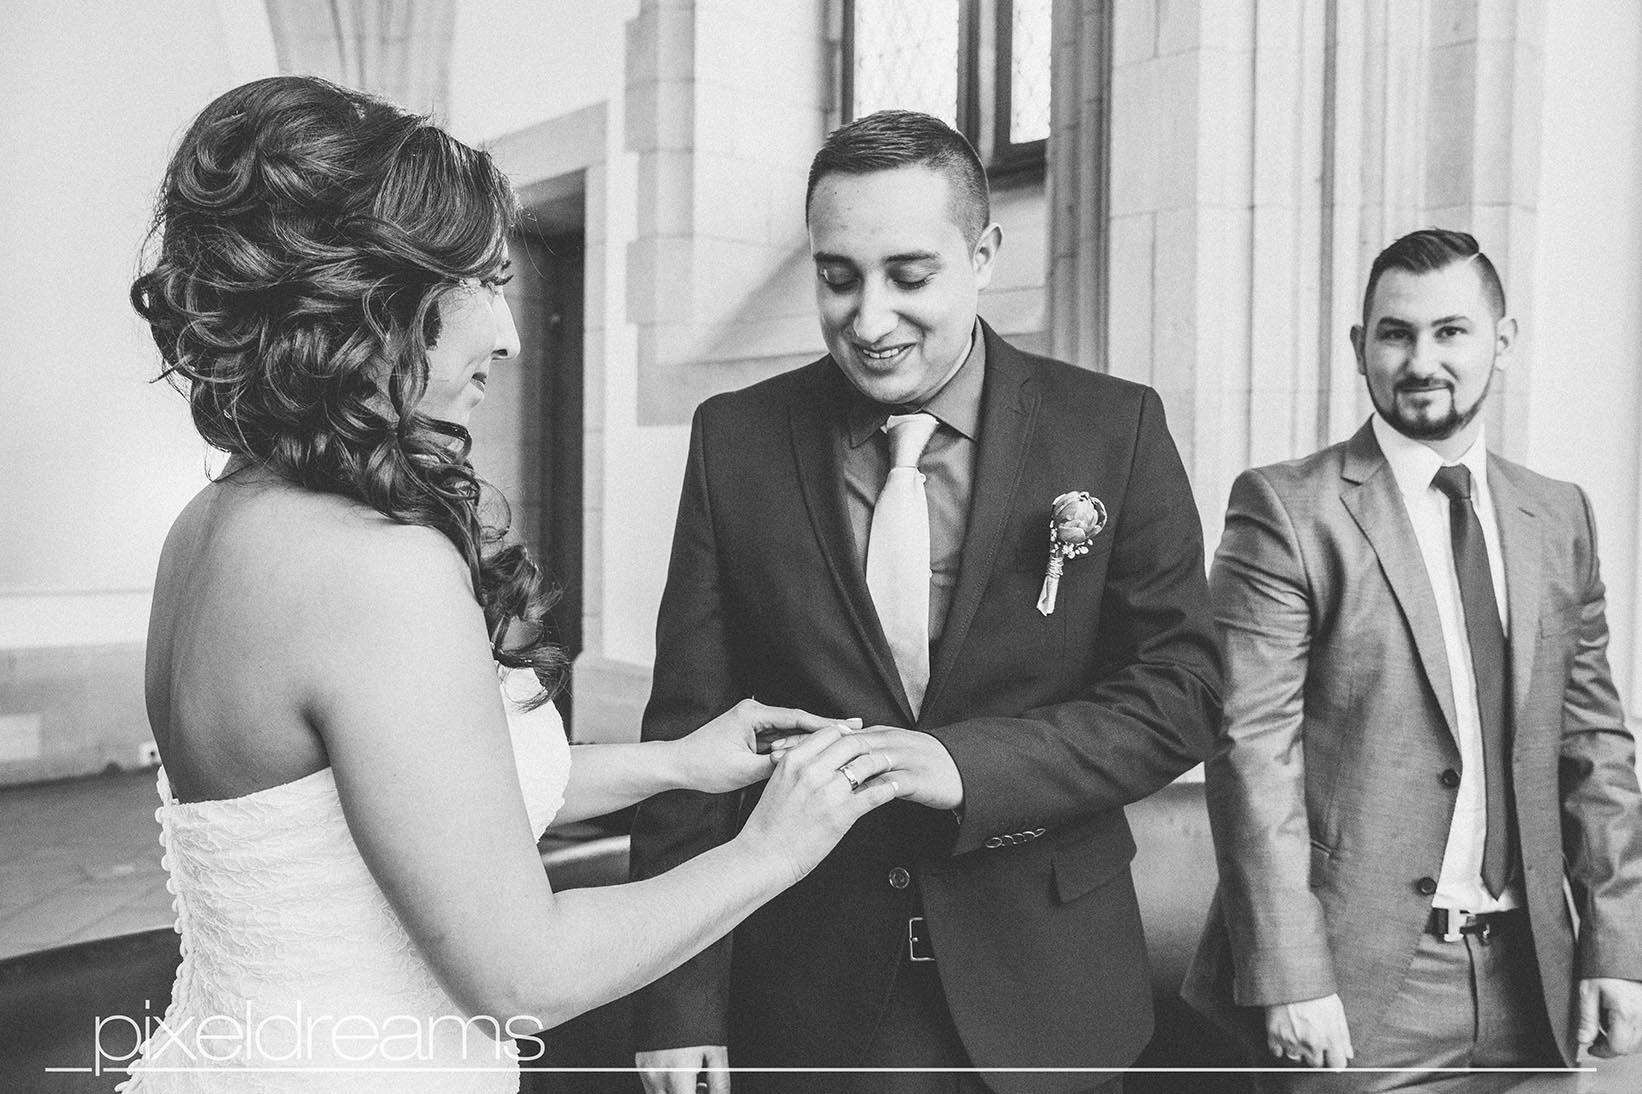 Ringtausch - Braut steckt Bräutigam den Ehering auf - Shooting in der Rentkammer am Historischen Rathaus- hochzeitsfotos